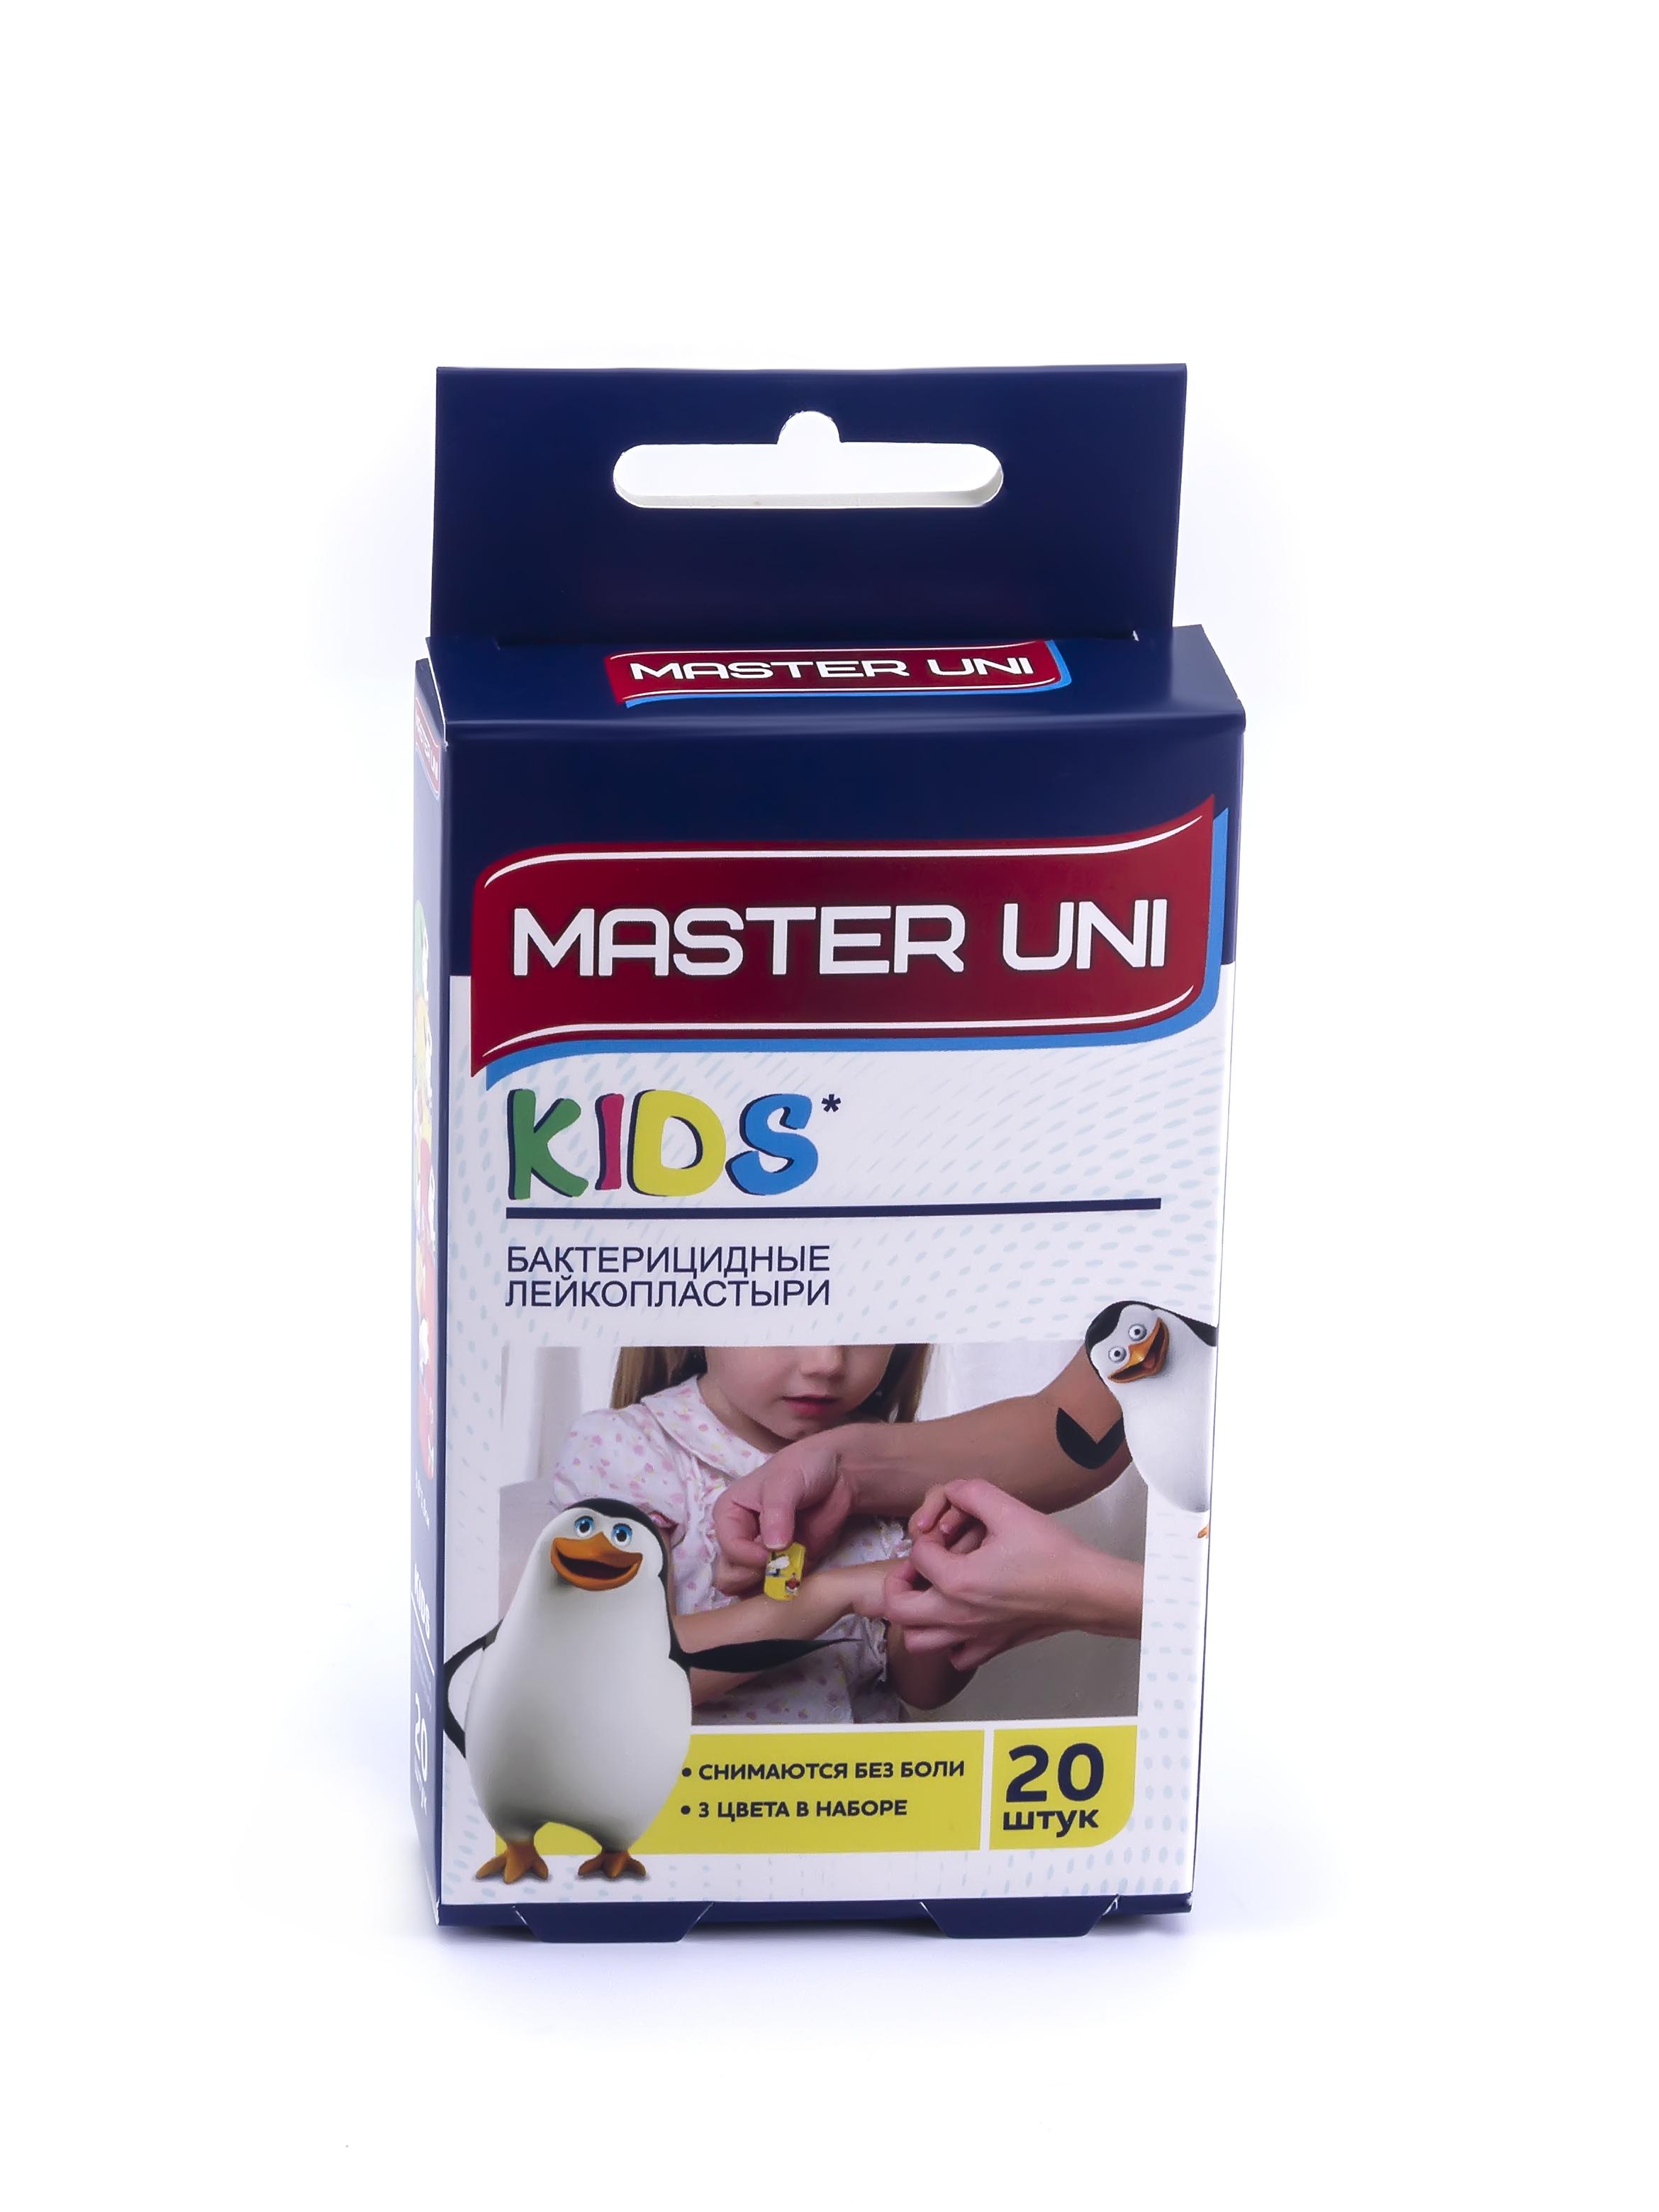 Купить Пластырь Master Uni Kids бактерицидный детский 20 шт.